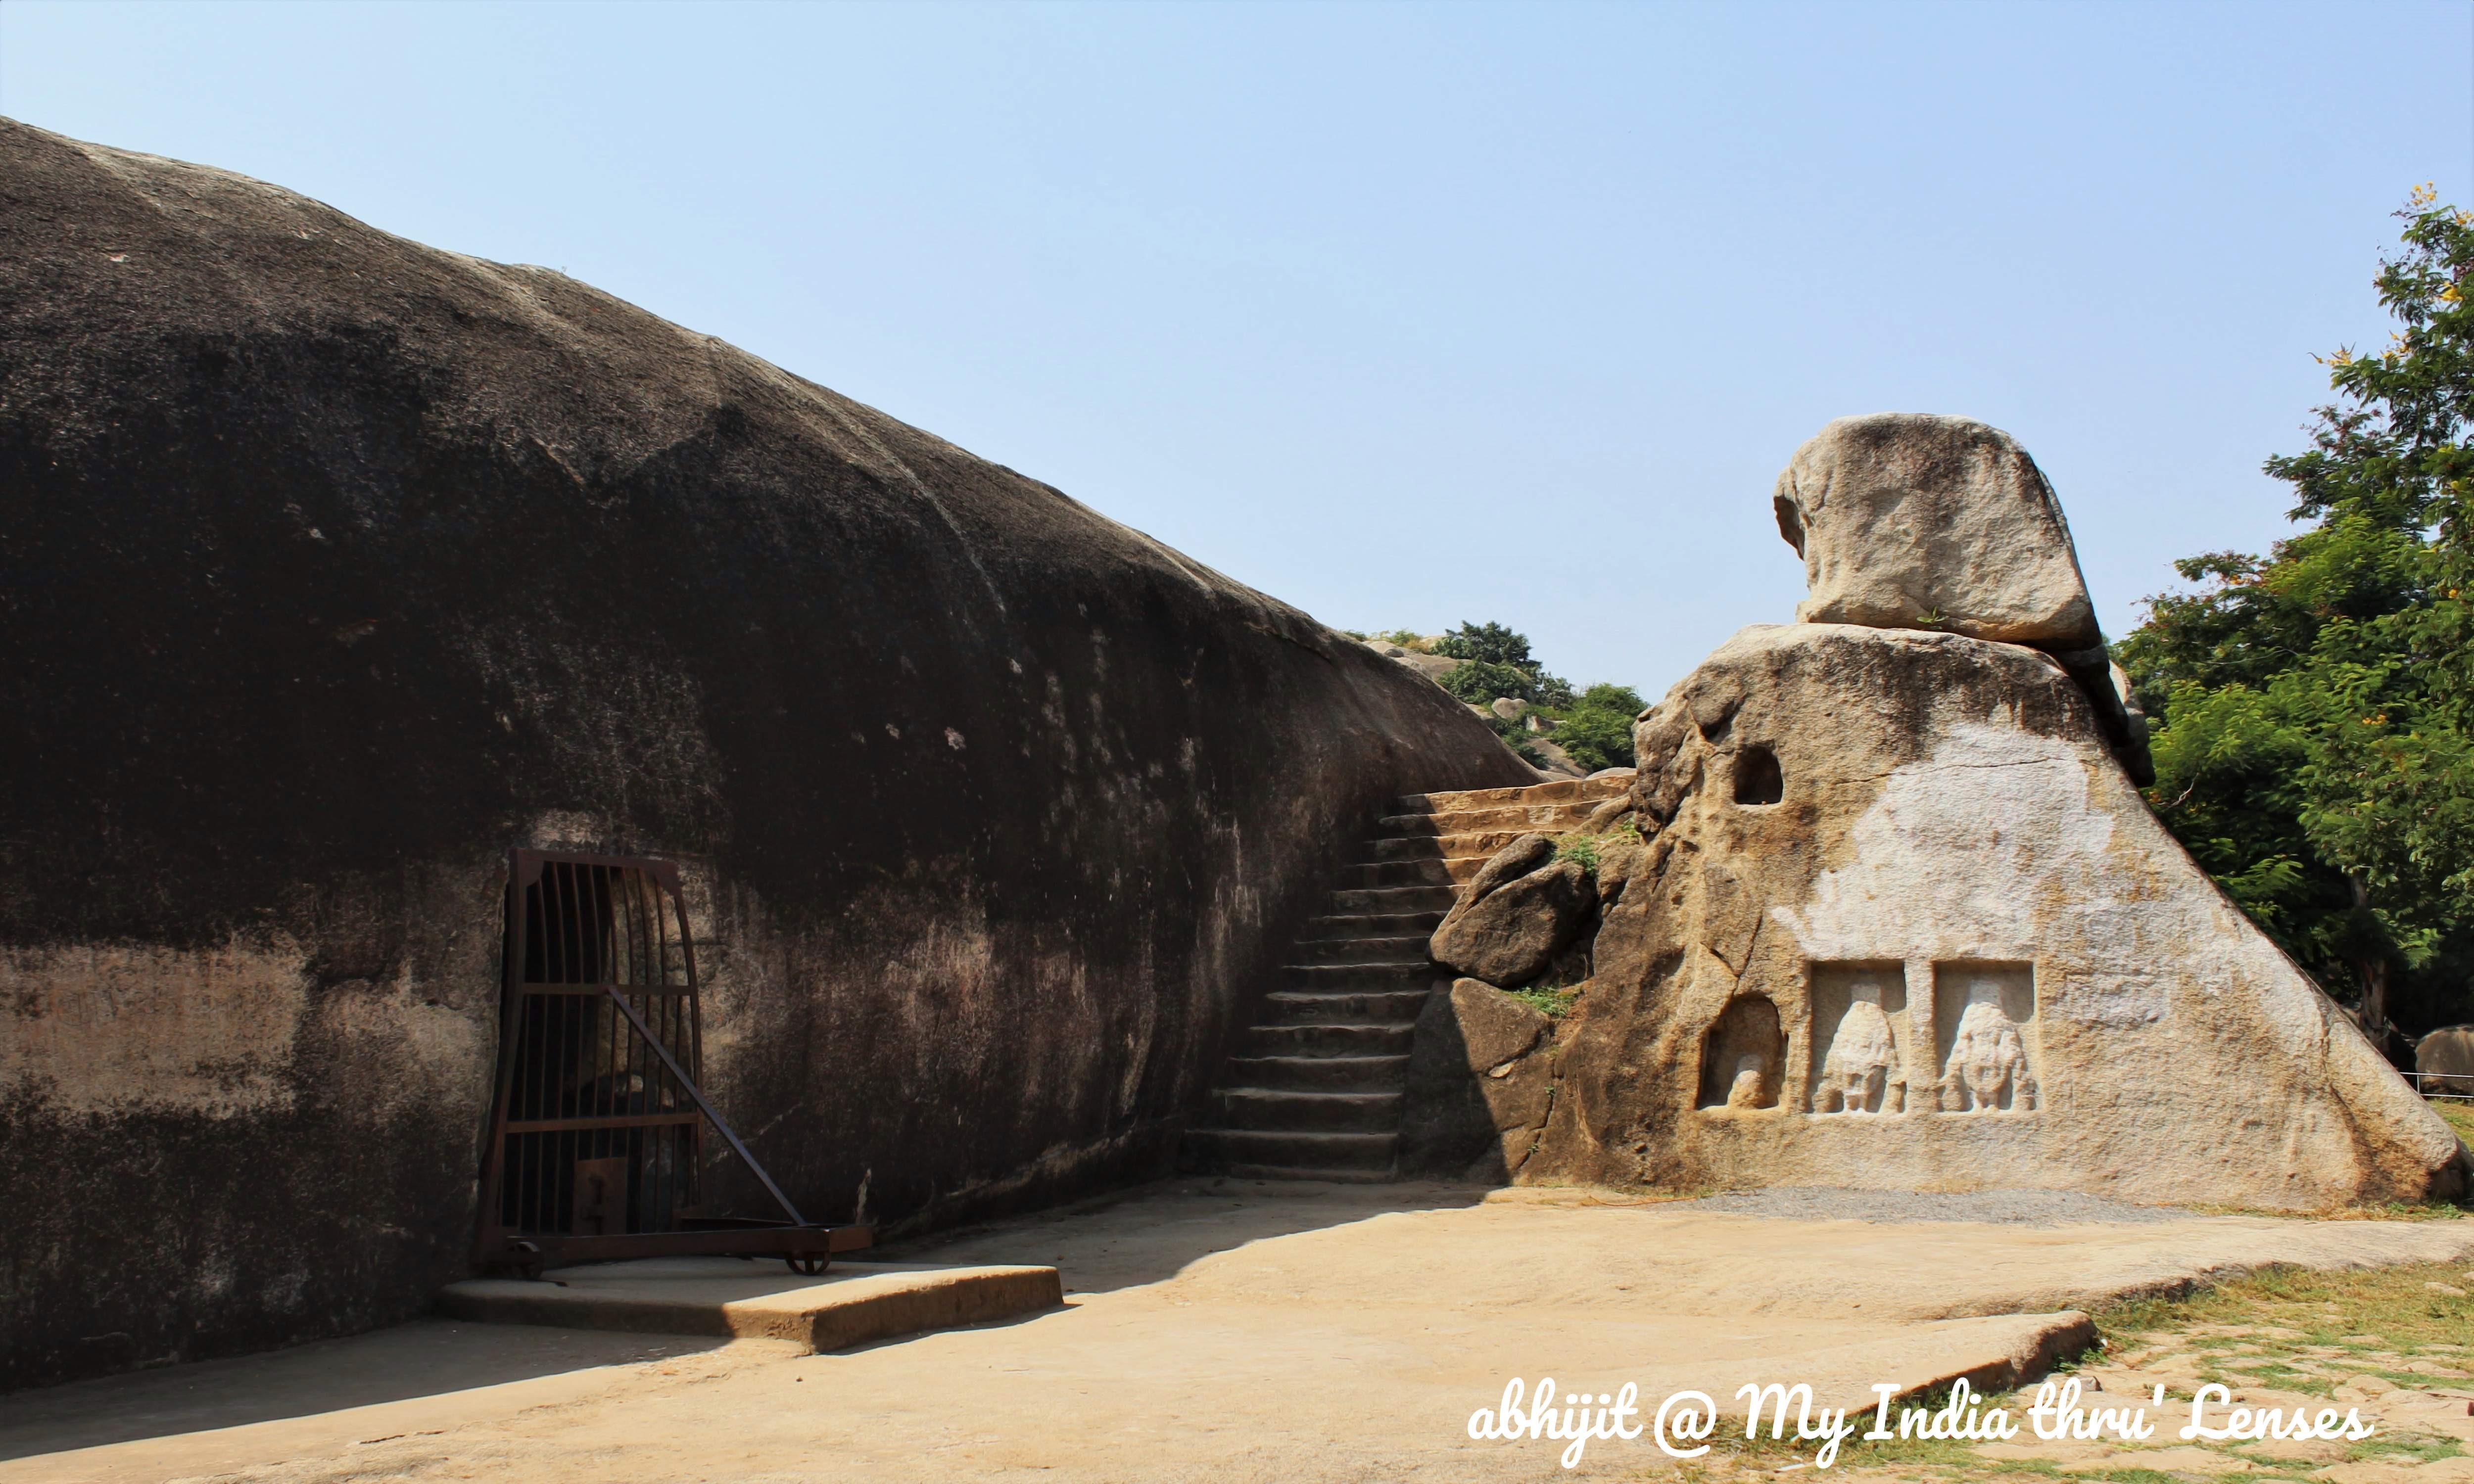 Barabar Hill Caves